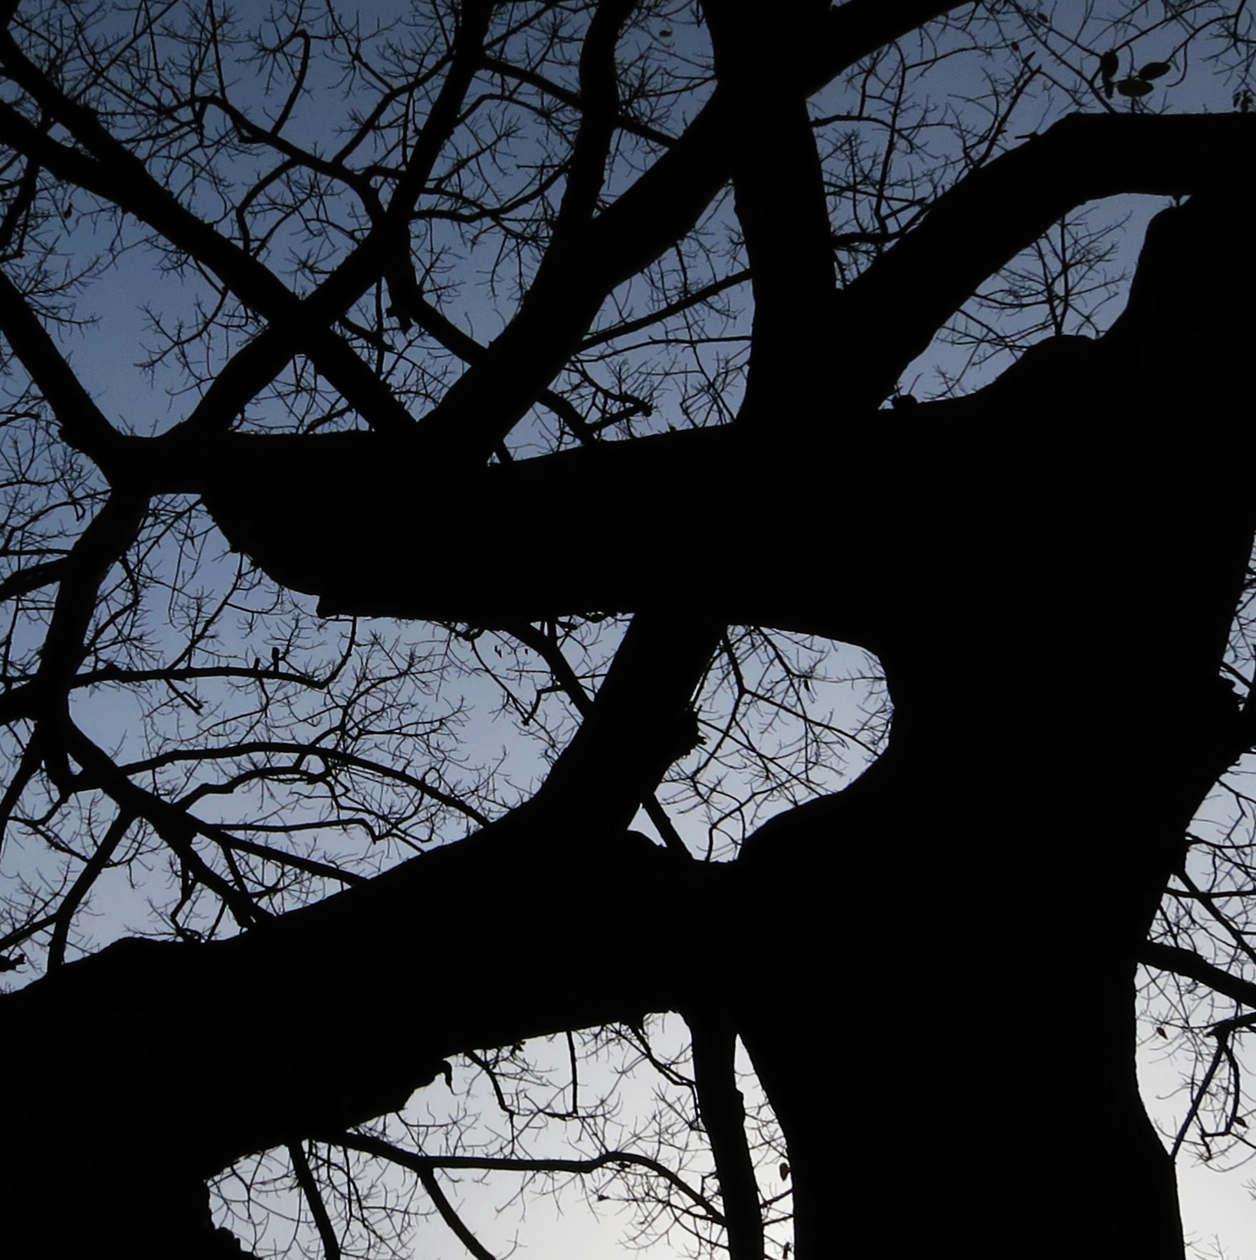 黑色影子树壁纸手绘